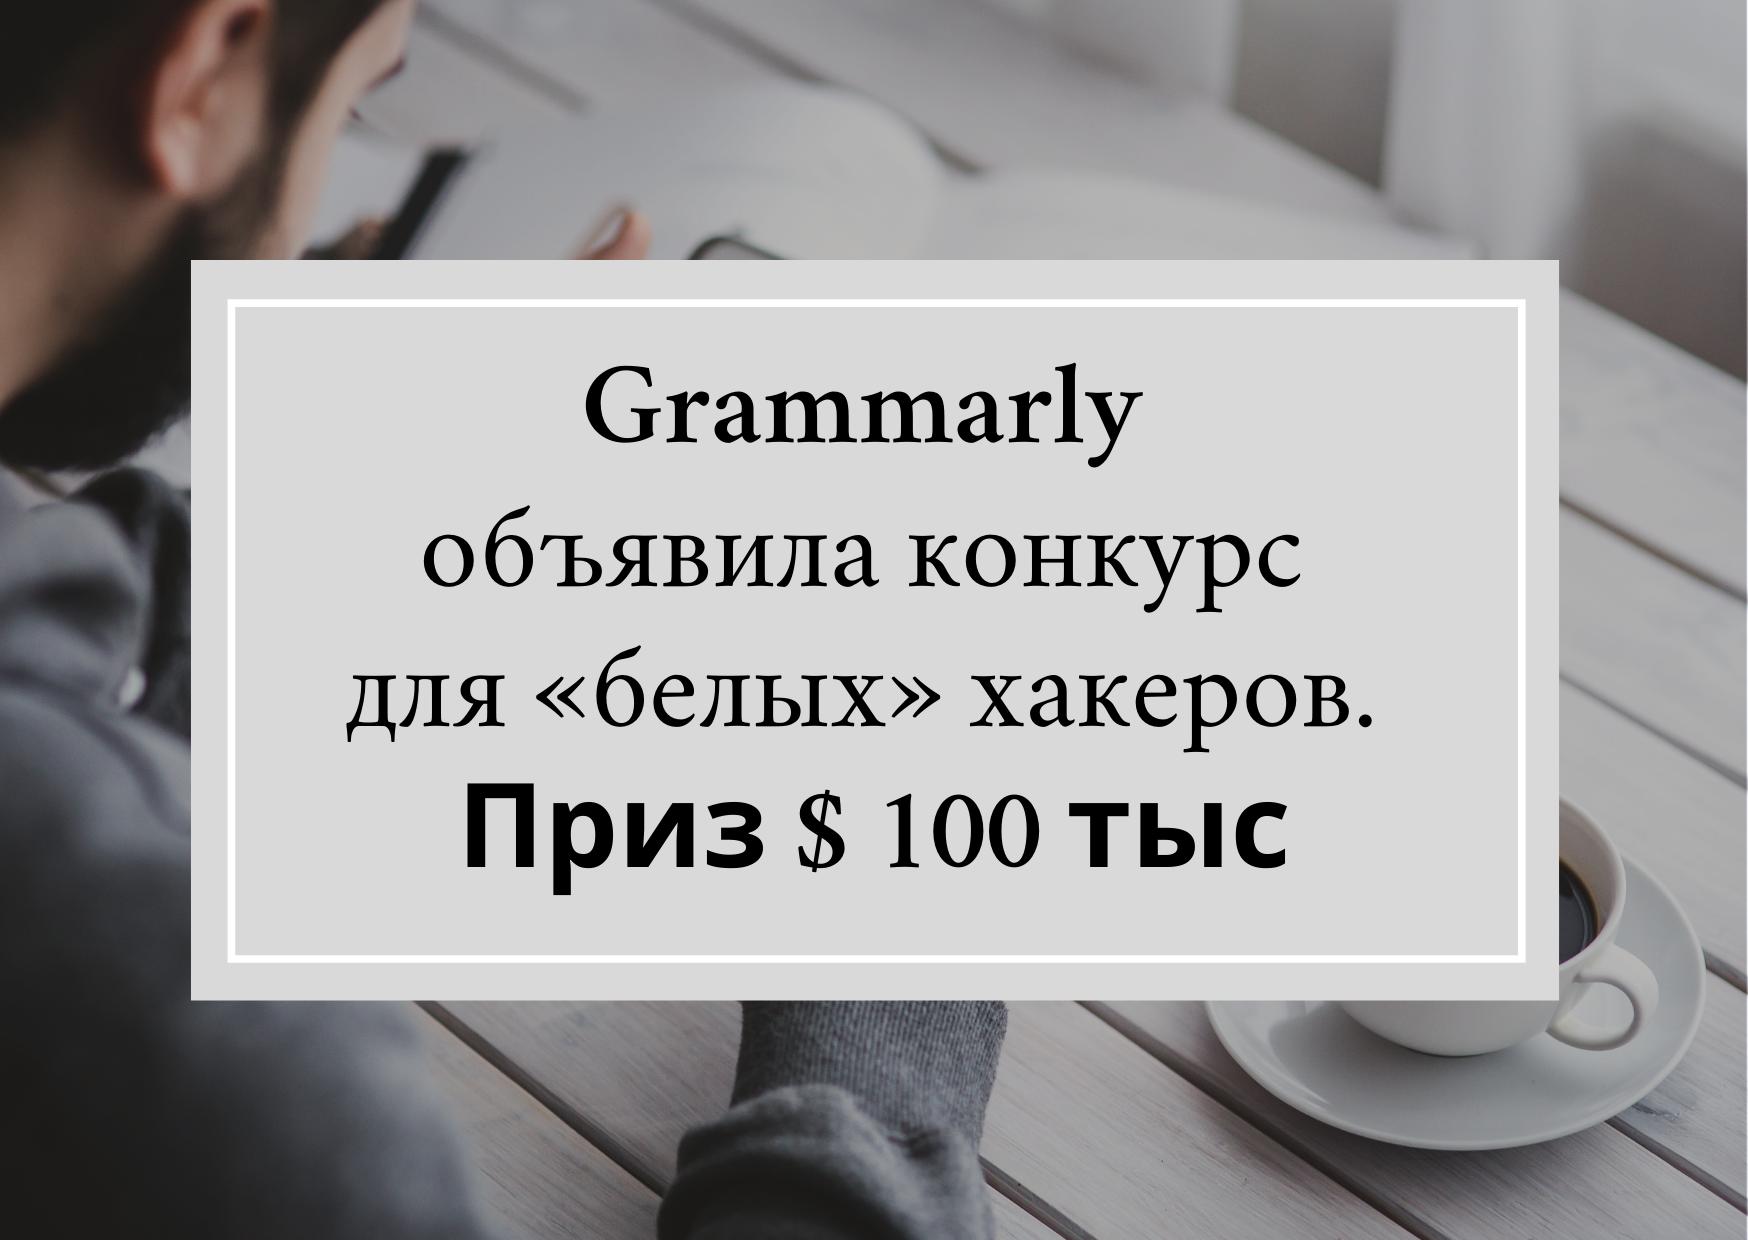 Конкурс от Grammarly